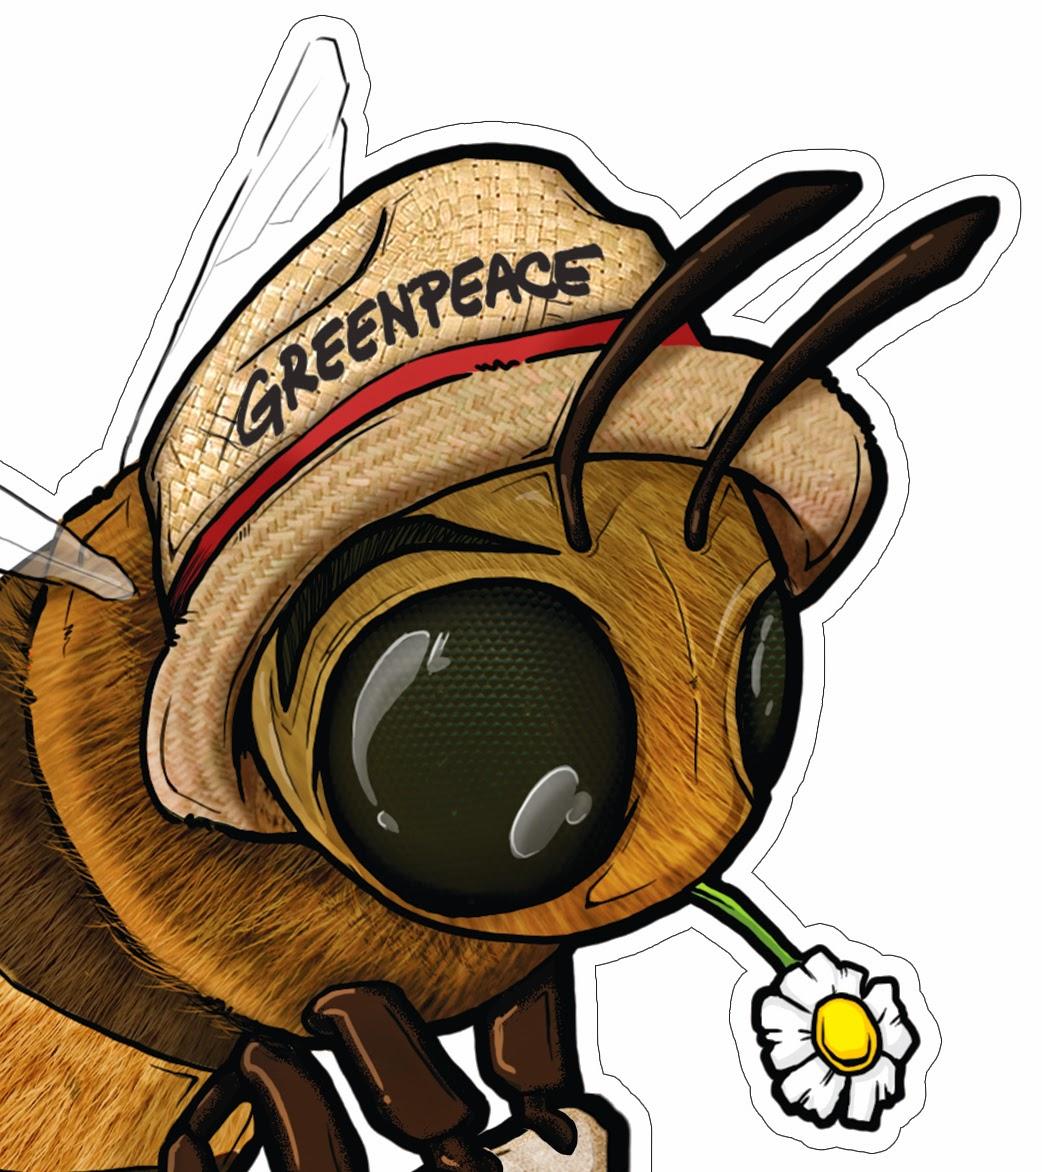 bijen bijenstrefte pesticiden greenpeace